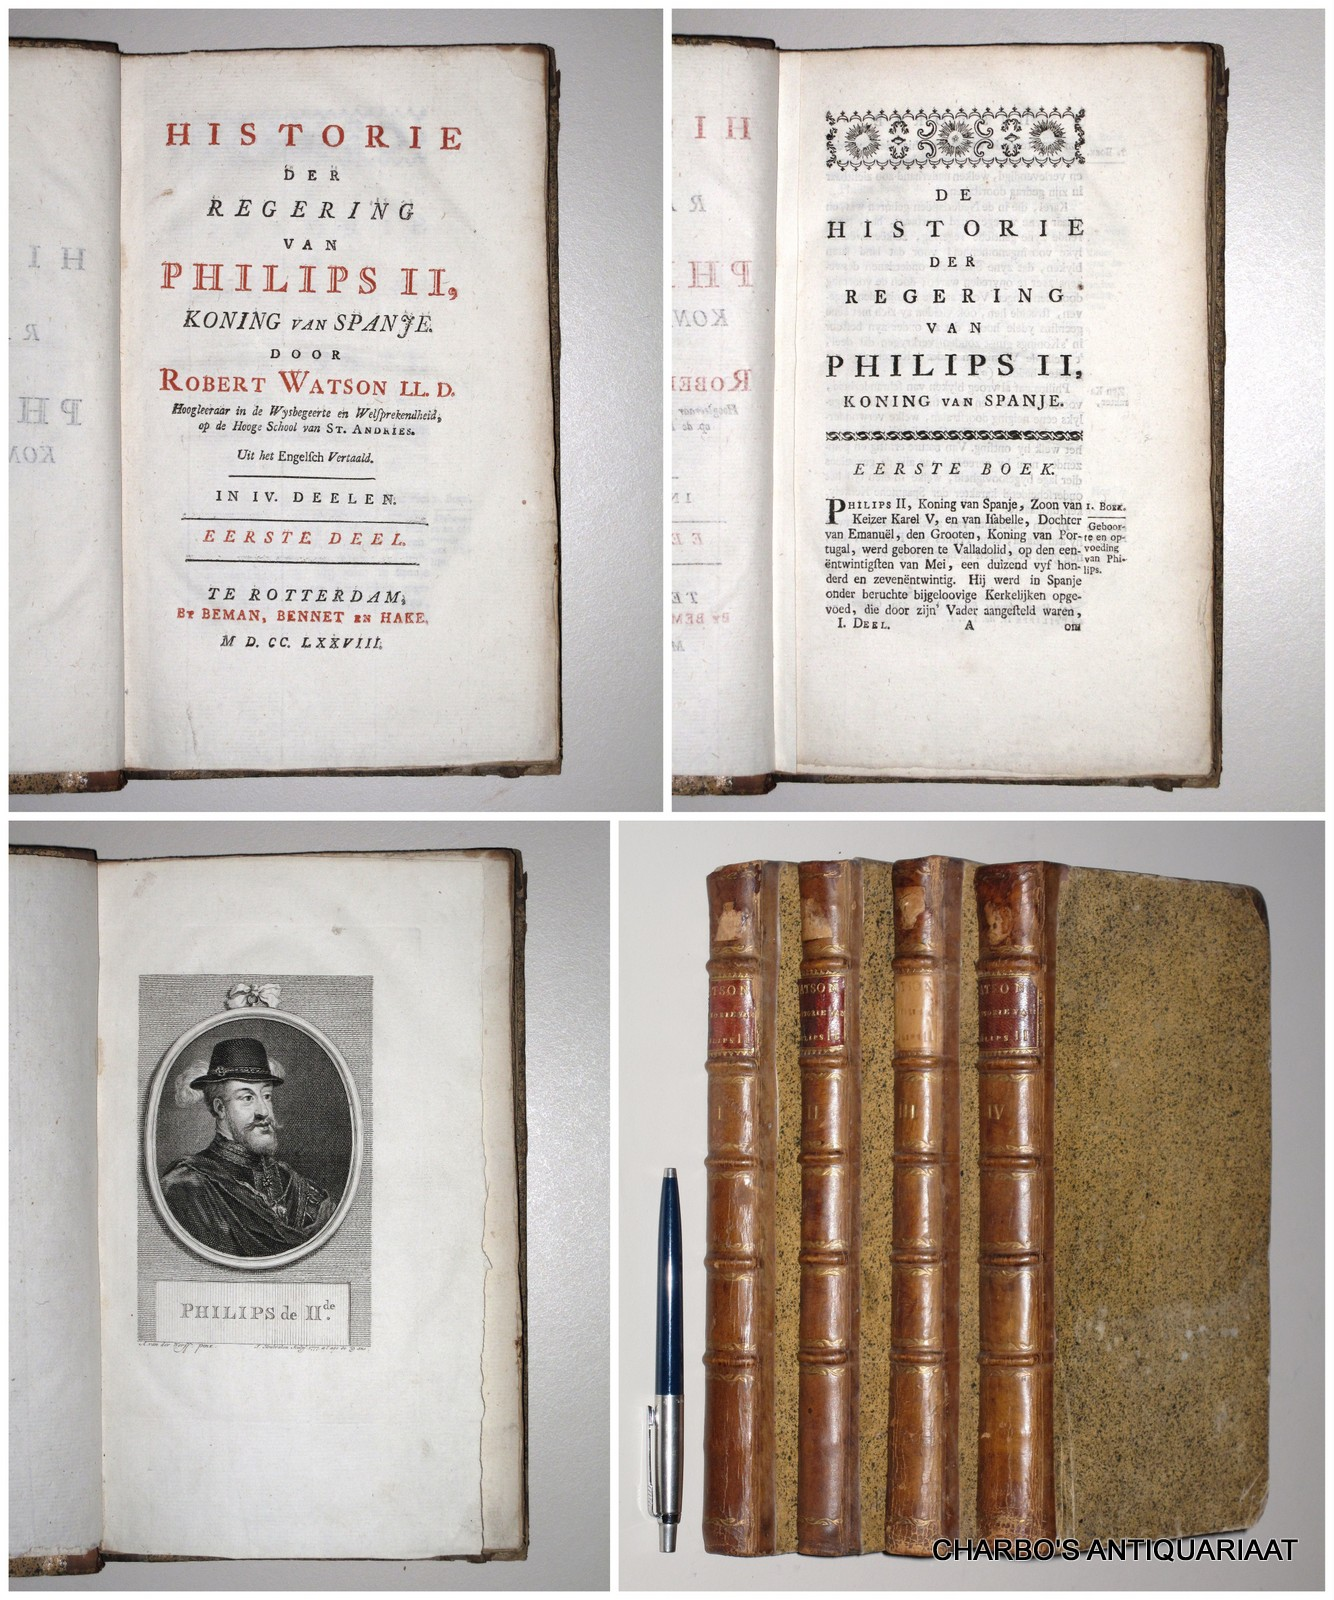 WATSON, ROBERT, -  Historie der regering van Philips II, koning van Spanje. (Full set of 4 vols.).